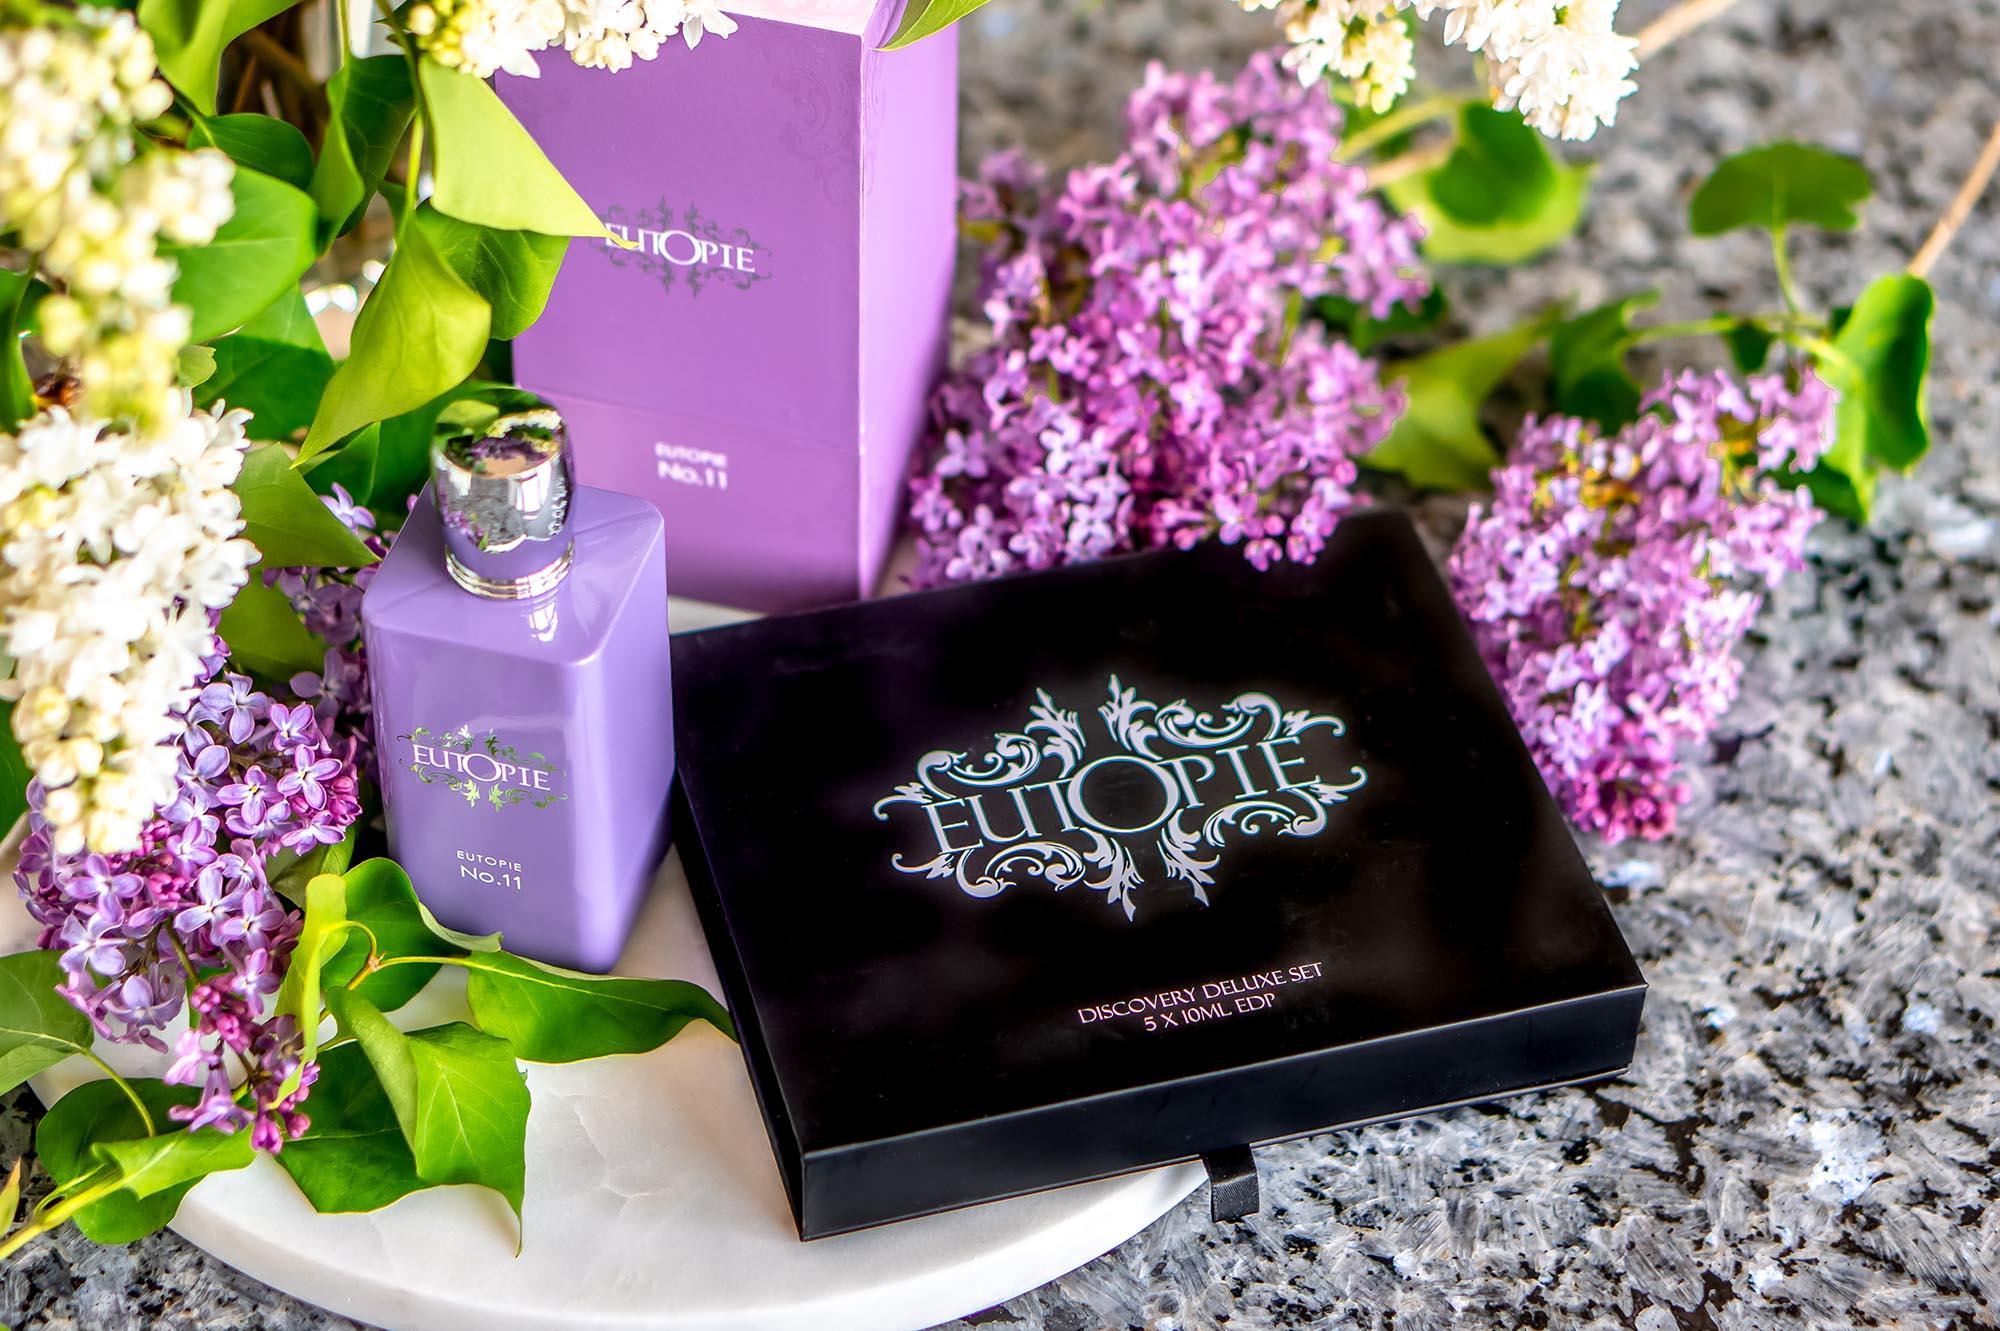 Eutopie: eine Parfümweltreise und mein Duftfavorit No. 11